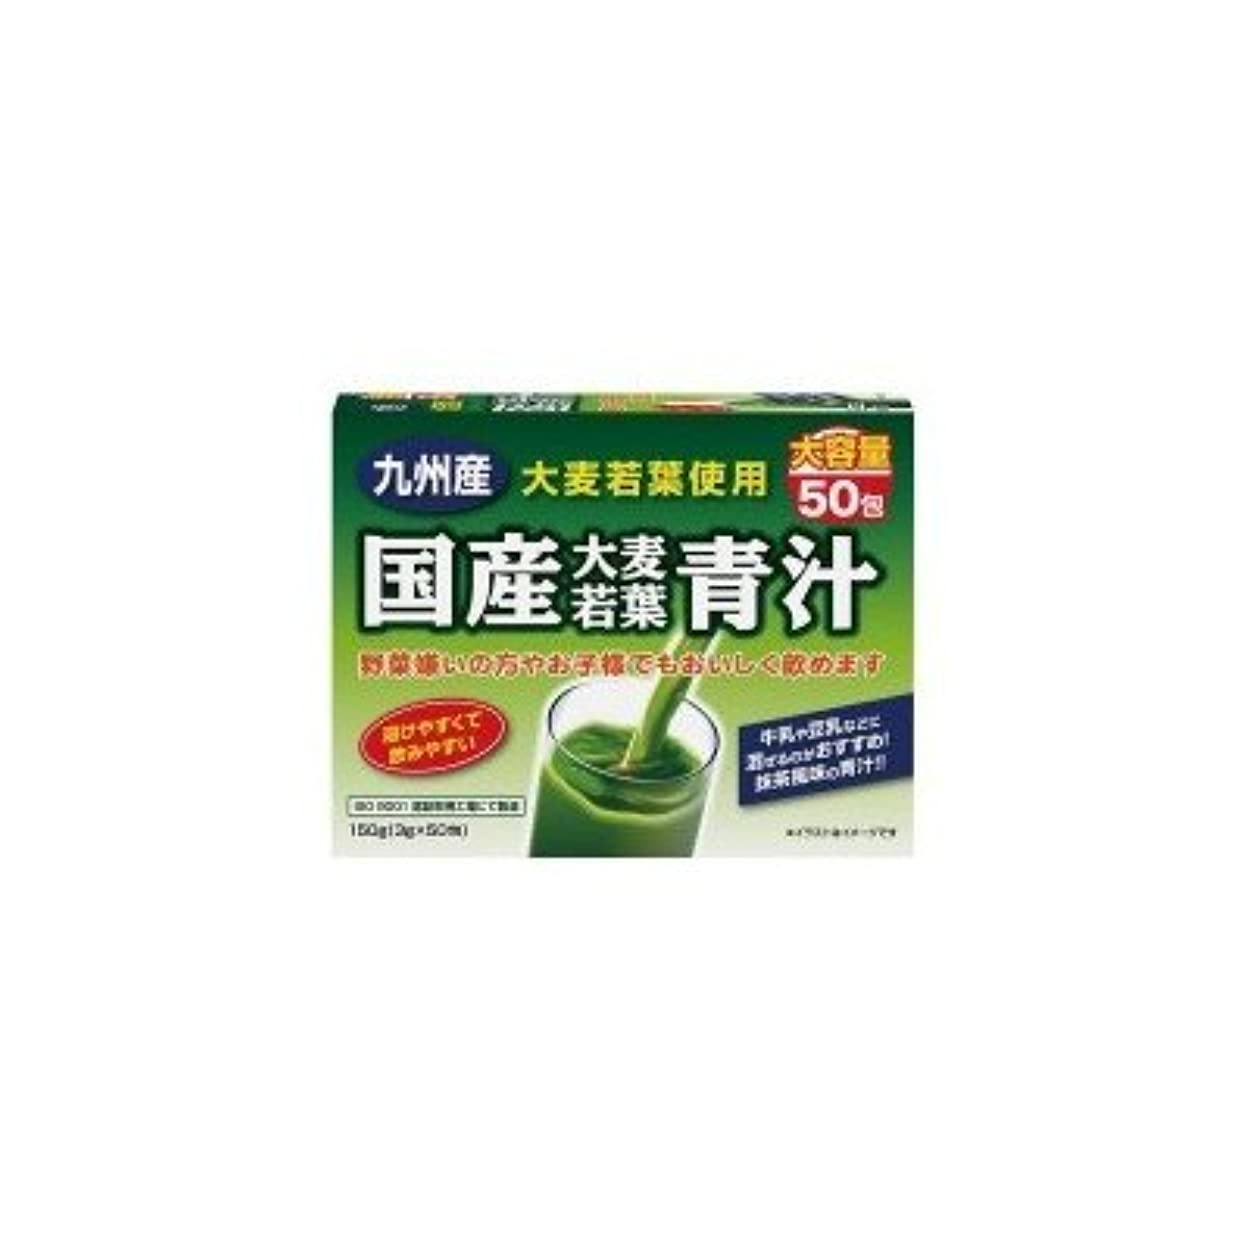 吹きさらし騒行くユーワ 九州産大麦若葉使用 国産大麦若葉青汁 150g(3g×50包) 3888